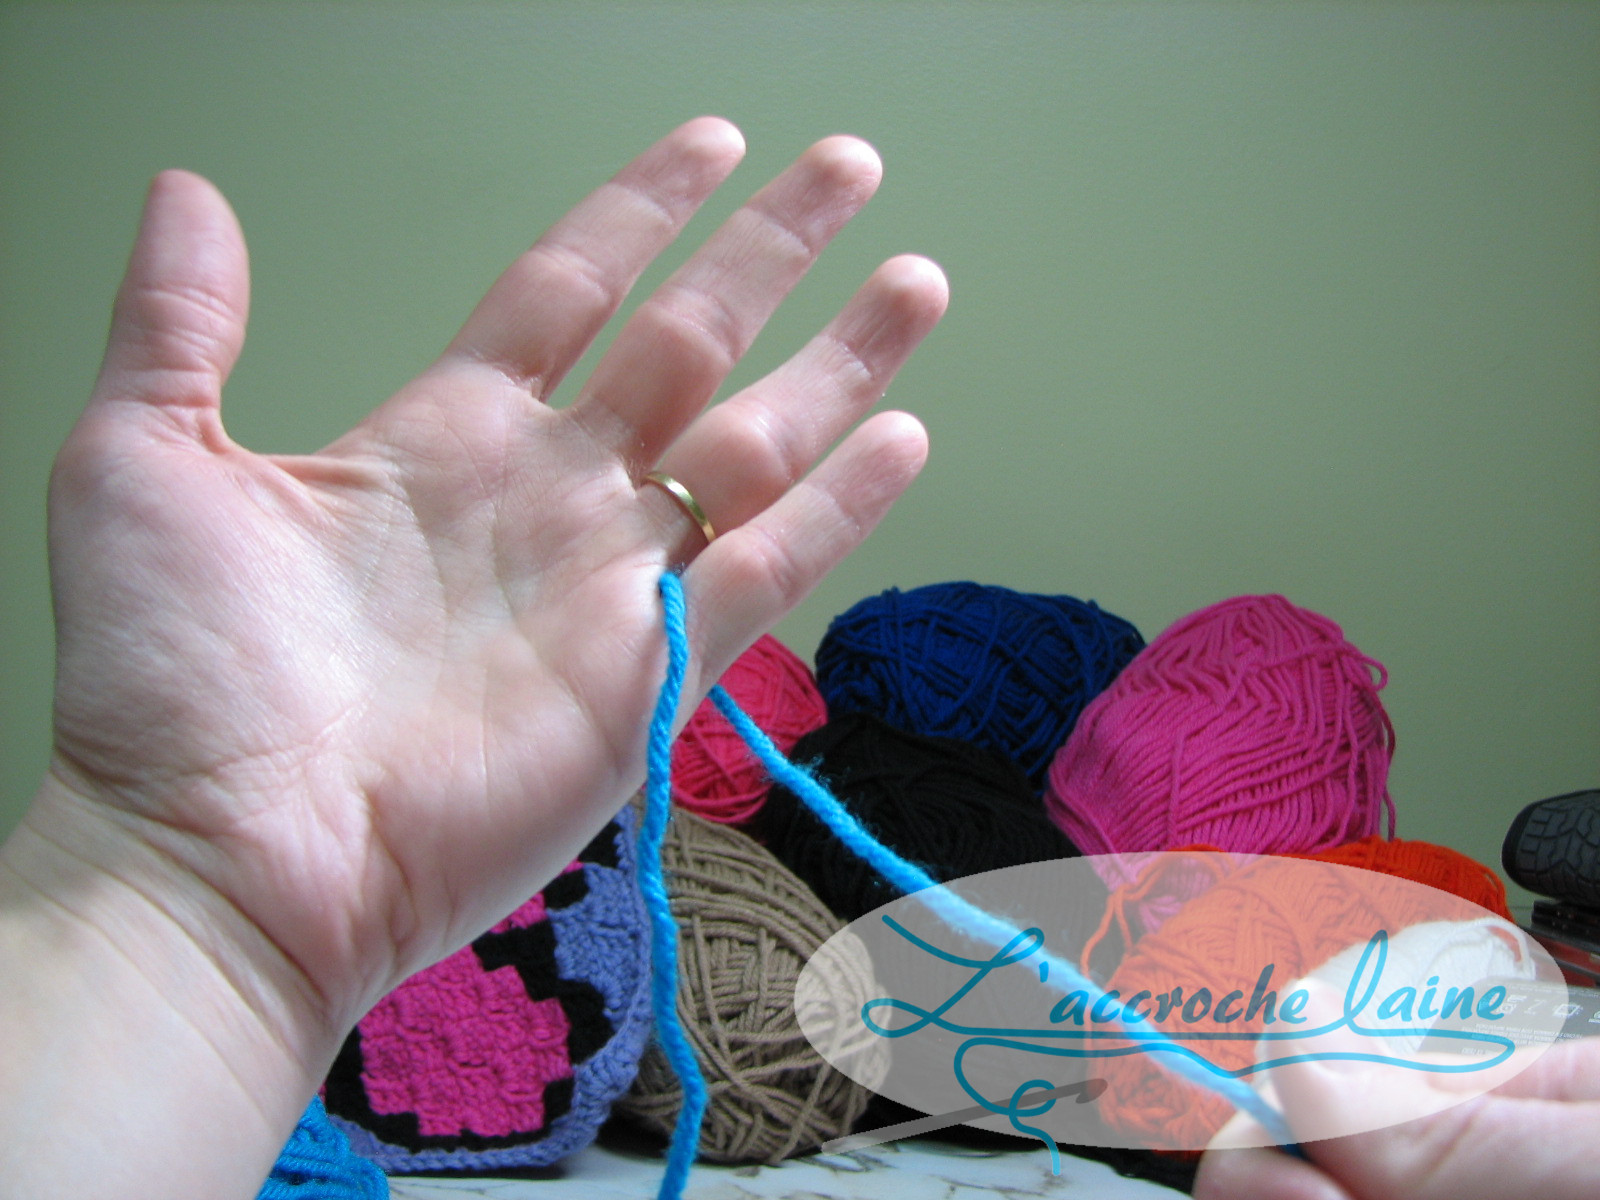 crochet laine apprendre